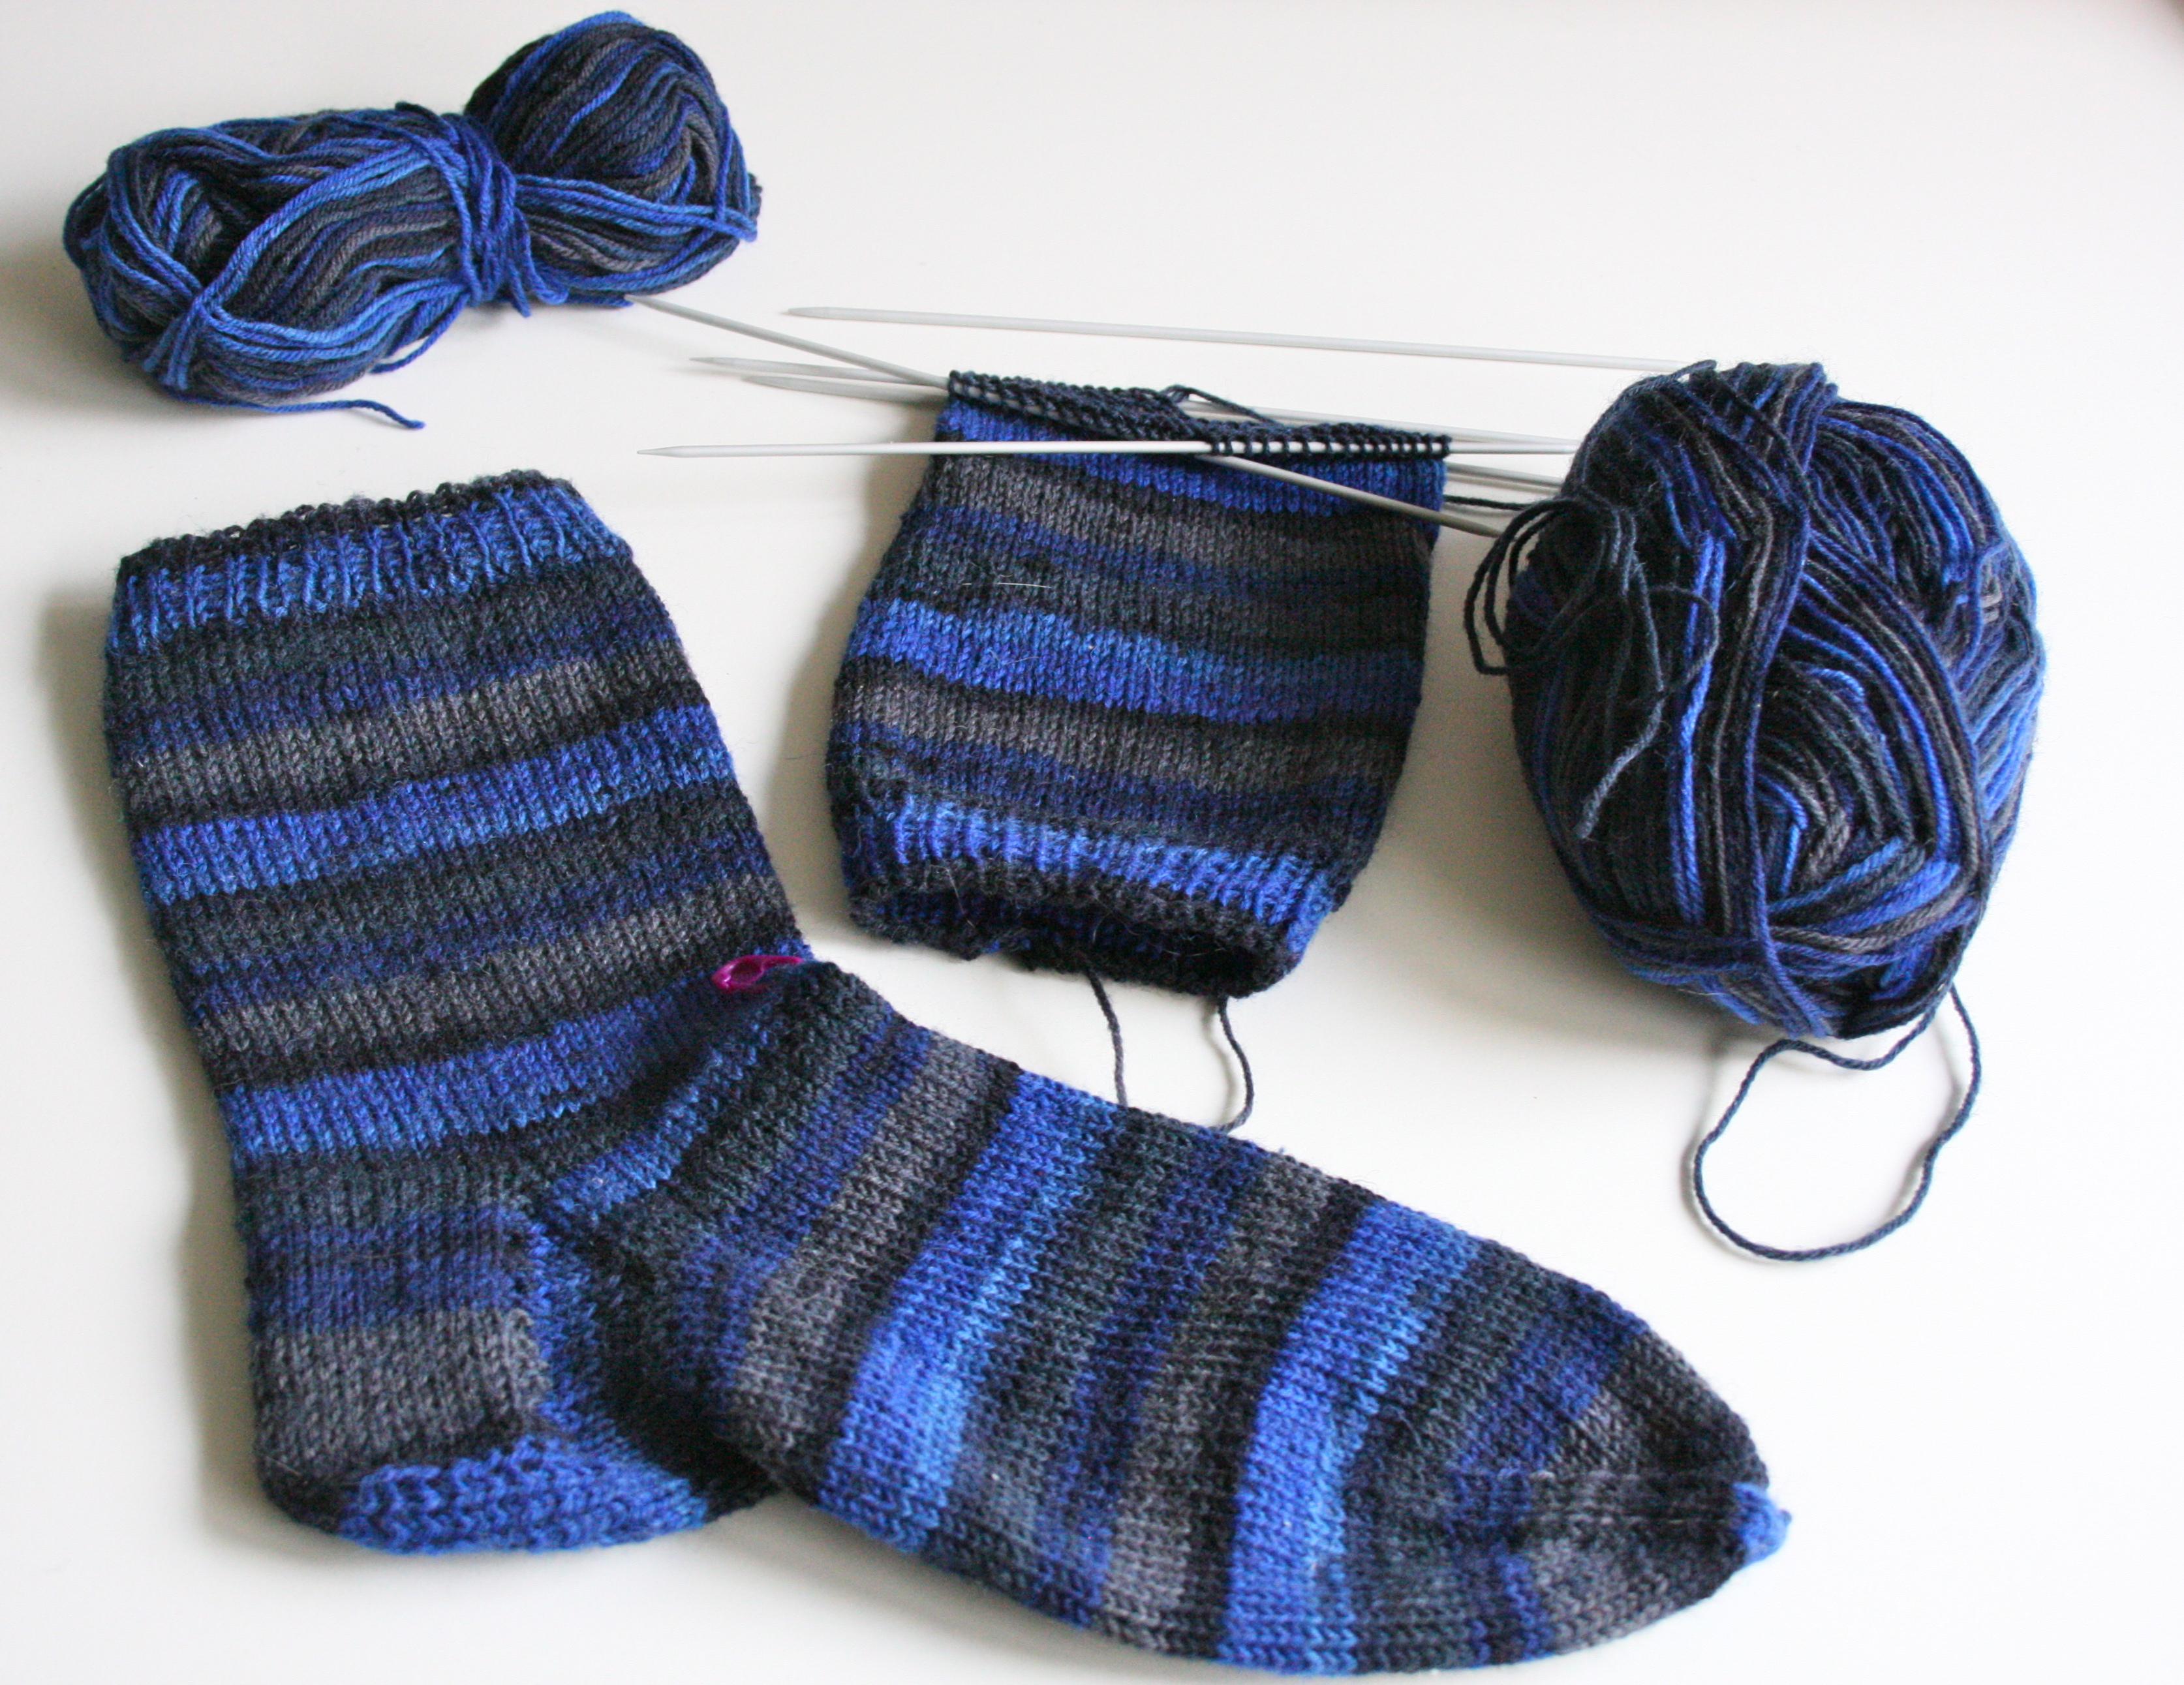 fletion damen winter warme beinlinge boots str mpfe. Black Bedroom Furniture Sets. Home Design Ideas